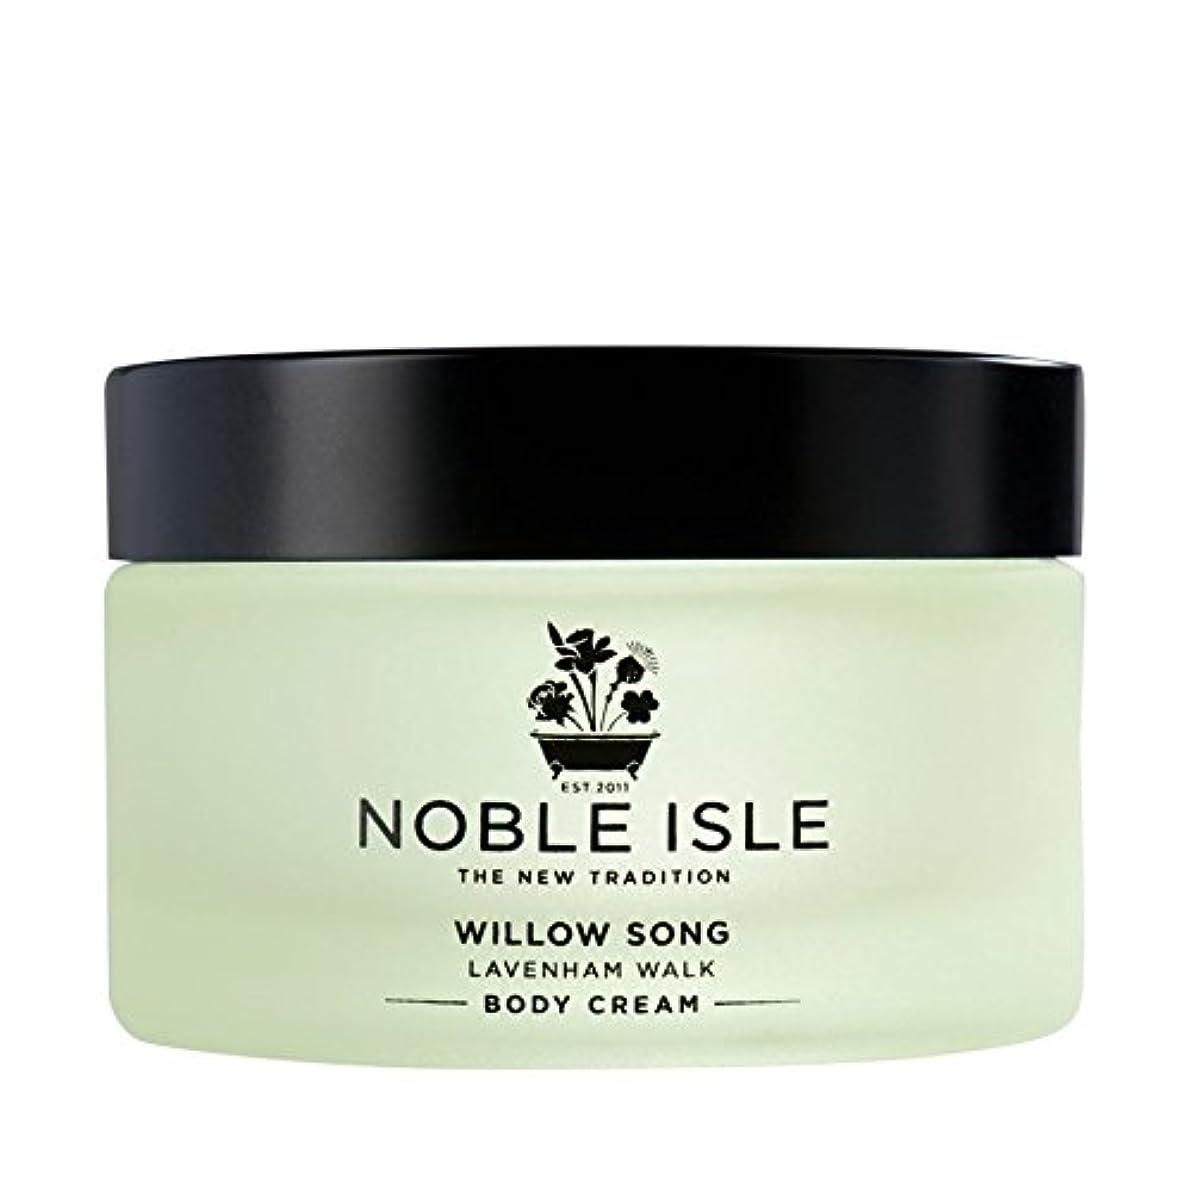 儀式どちらかエキス高貴な島柳の歌ラヴァンハム徒歩ボディクリーム170ミリリットル x2 - Noble Isle Willow Song Lavenham Walk Body Cream 170ml (Pack of 2) [並行輸入品]